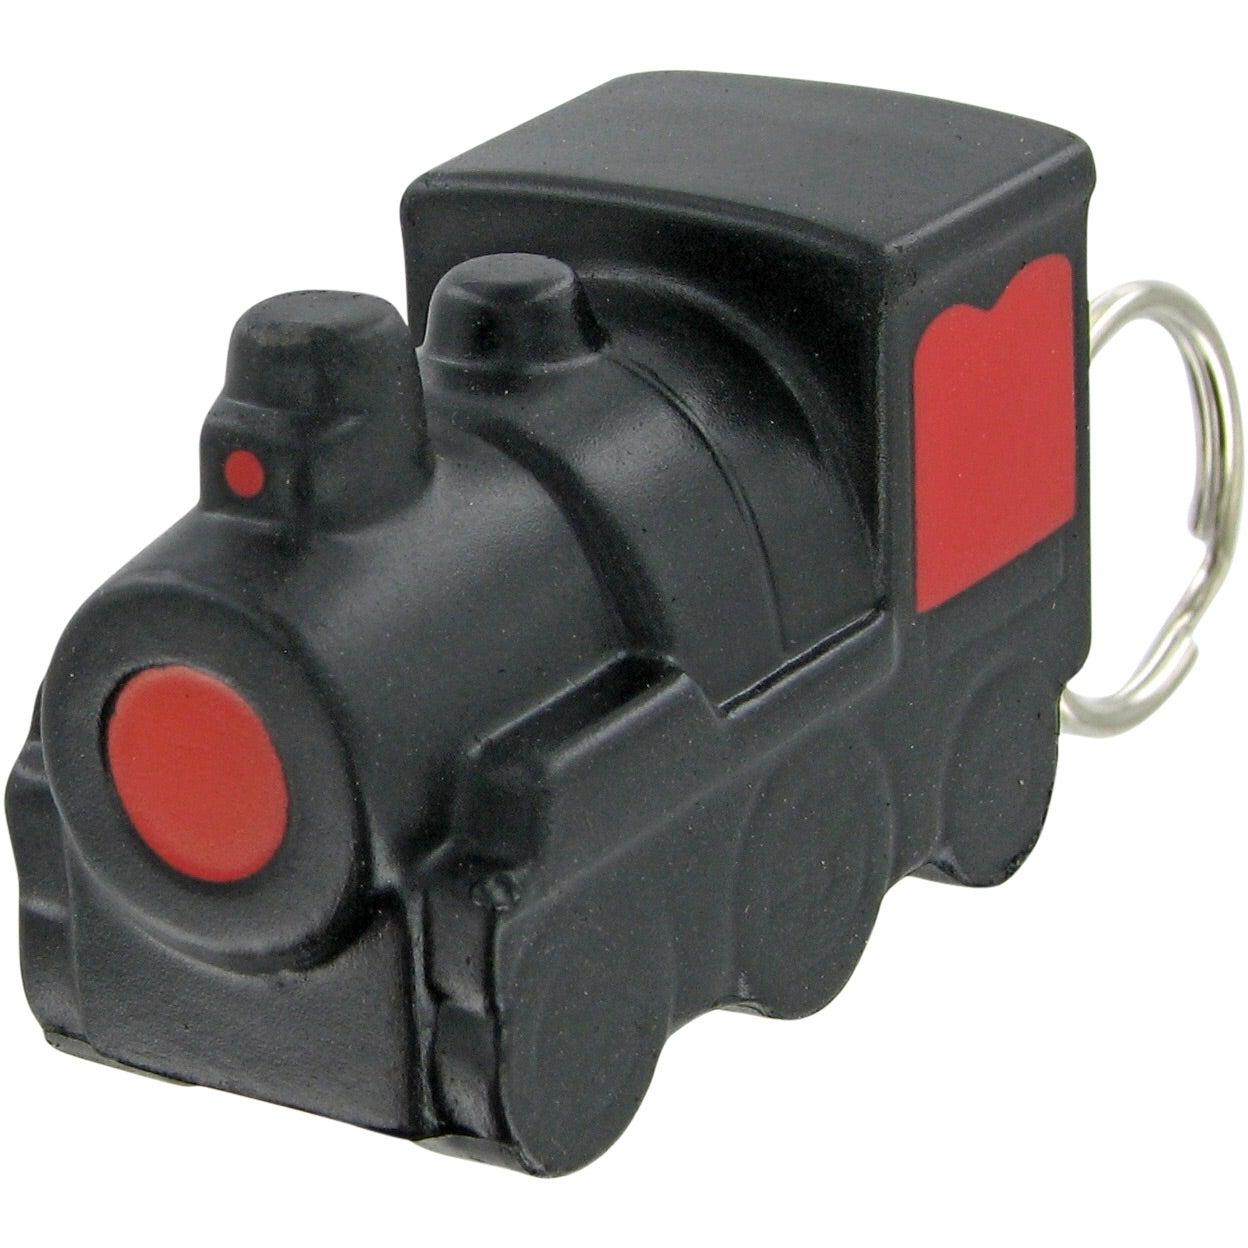 Train Keychain Stress Toy